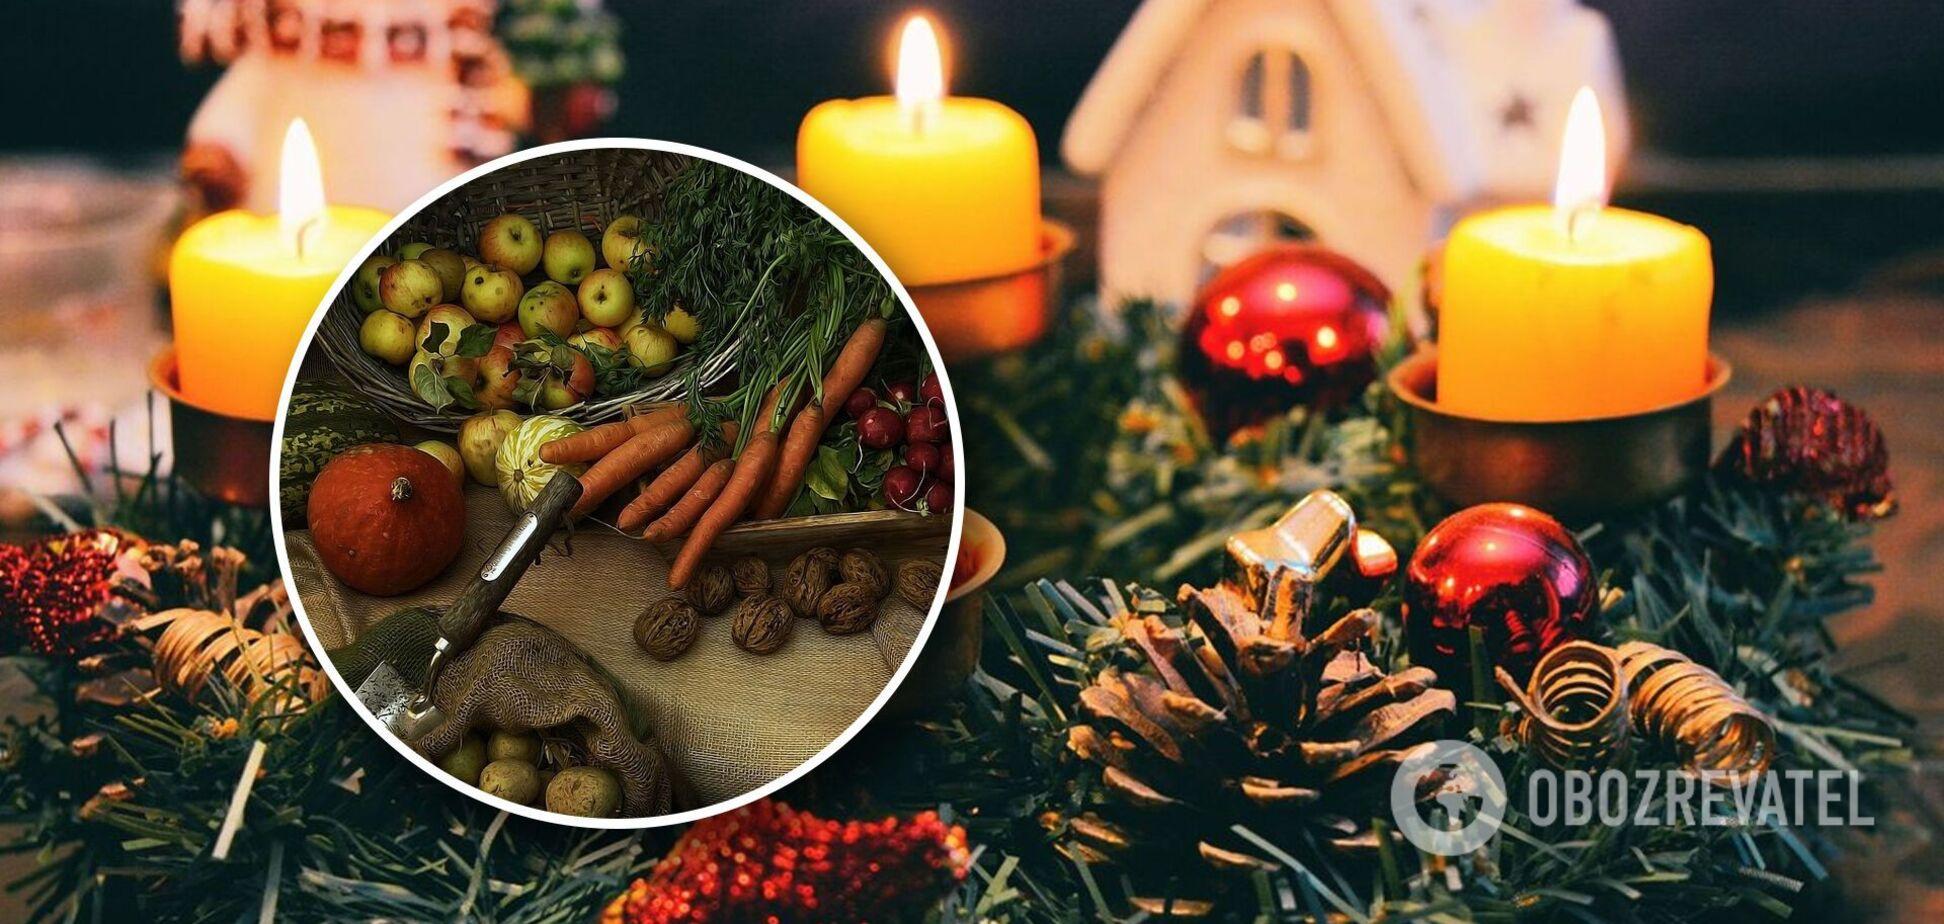 Різдвяний піст триває рівно 40 днів